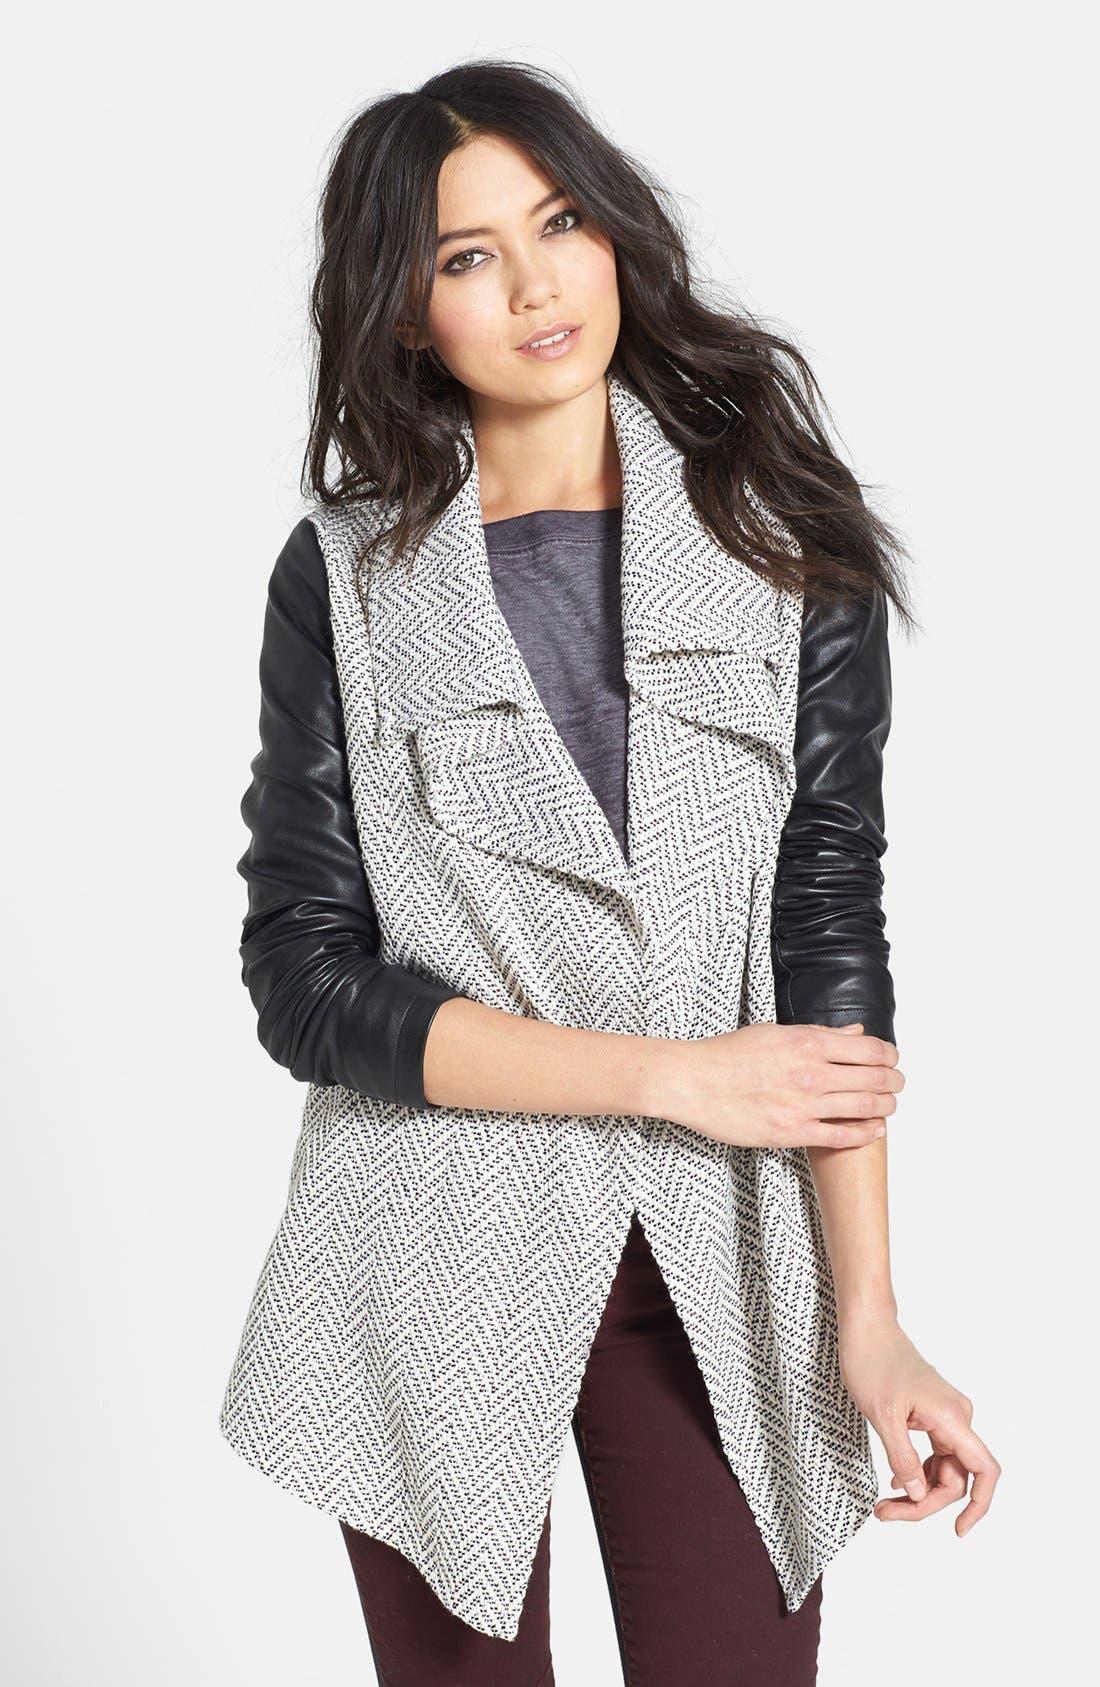 Alternate Image 1 Selected - Glamorous Faux Leather Sleeve Knit Jacket